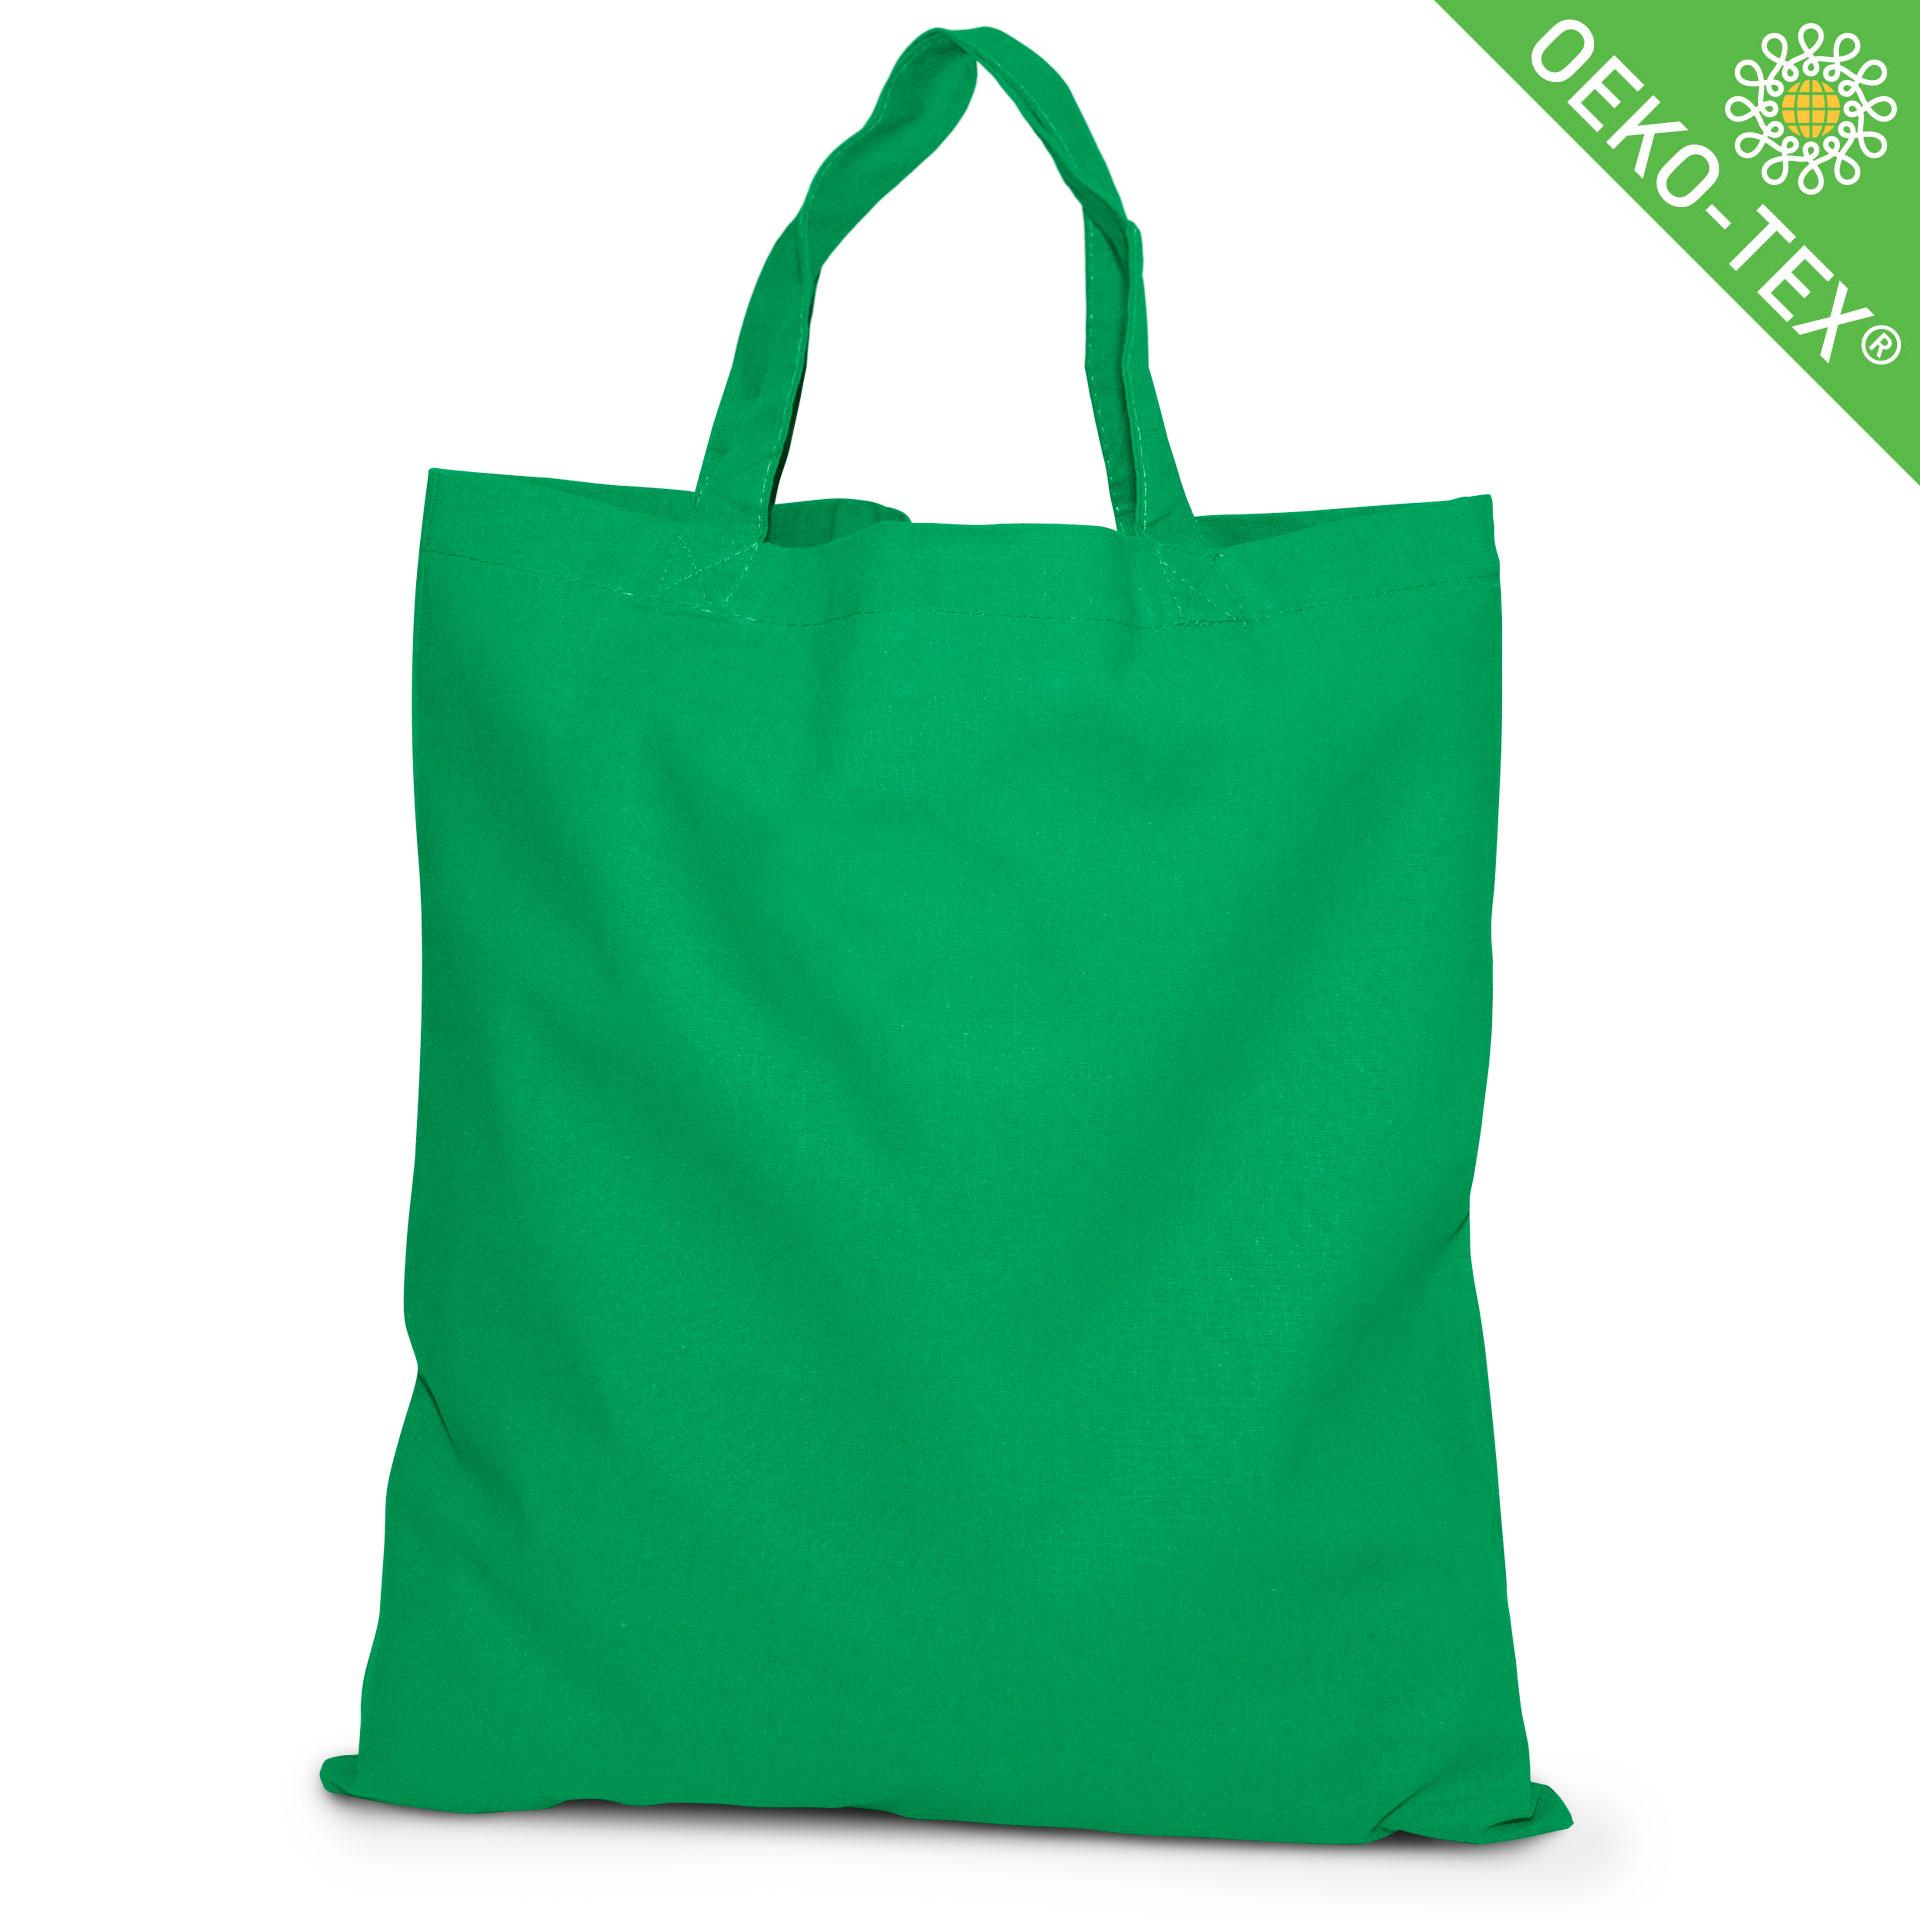 20 Kapstadt Baumwolltasche mit kurzen Henkeln, Farbe: grasgrün